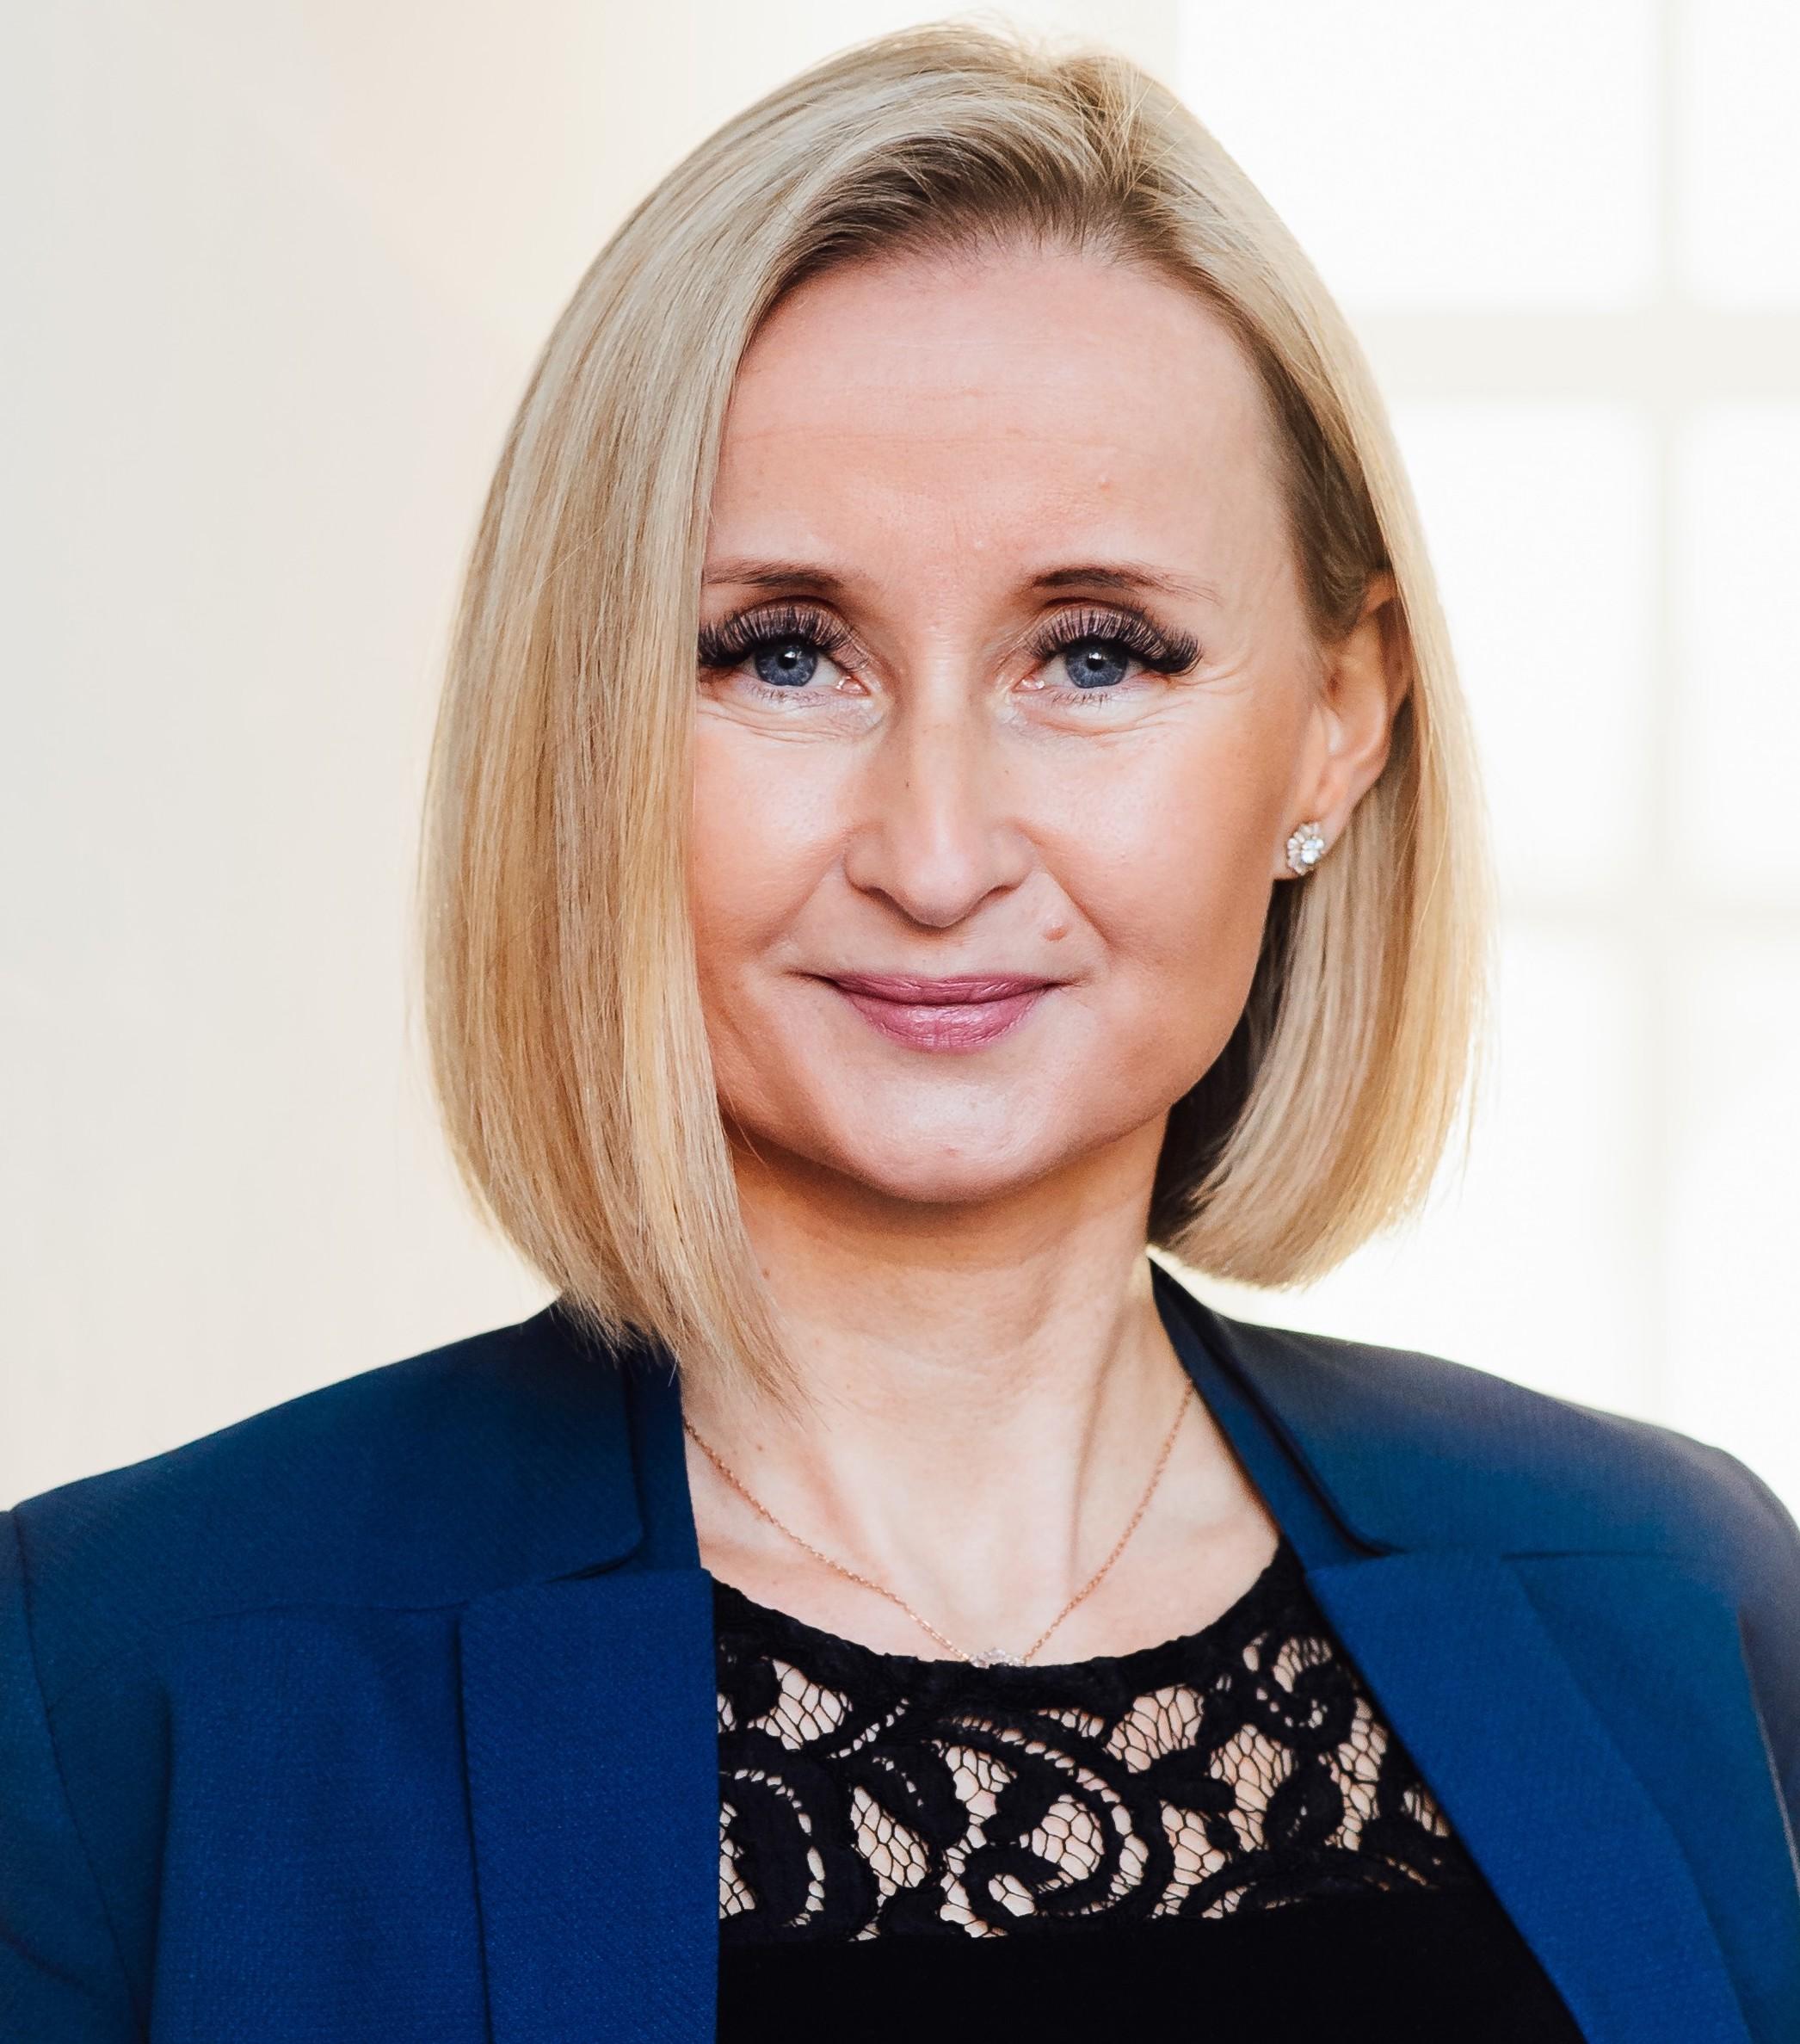 Melanie Mathaei